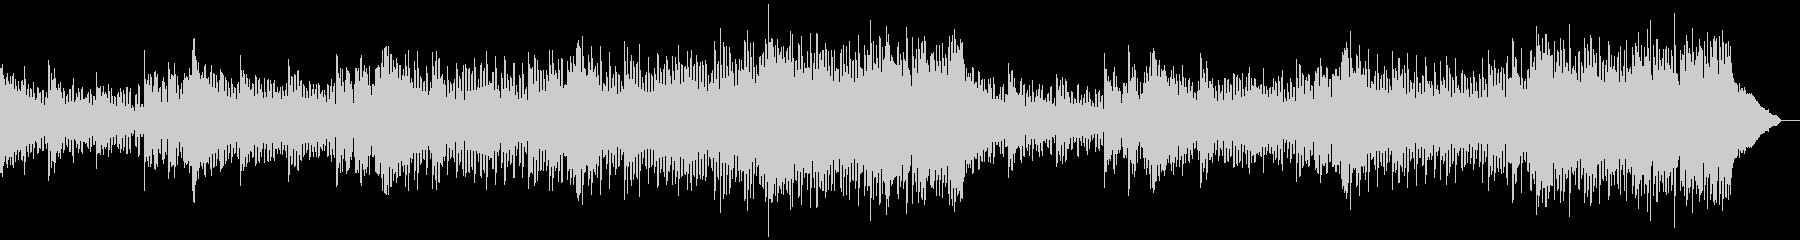 企業VP映像、168オーケストラ、爽快Lの未再生の波形